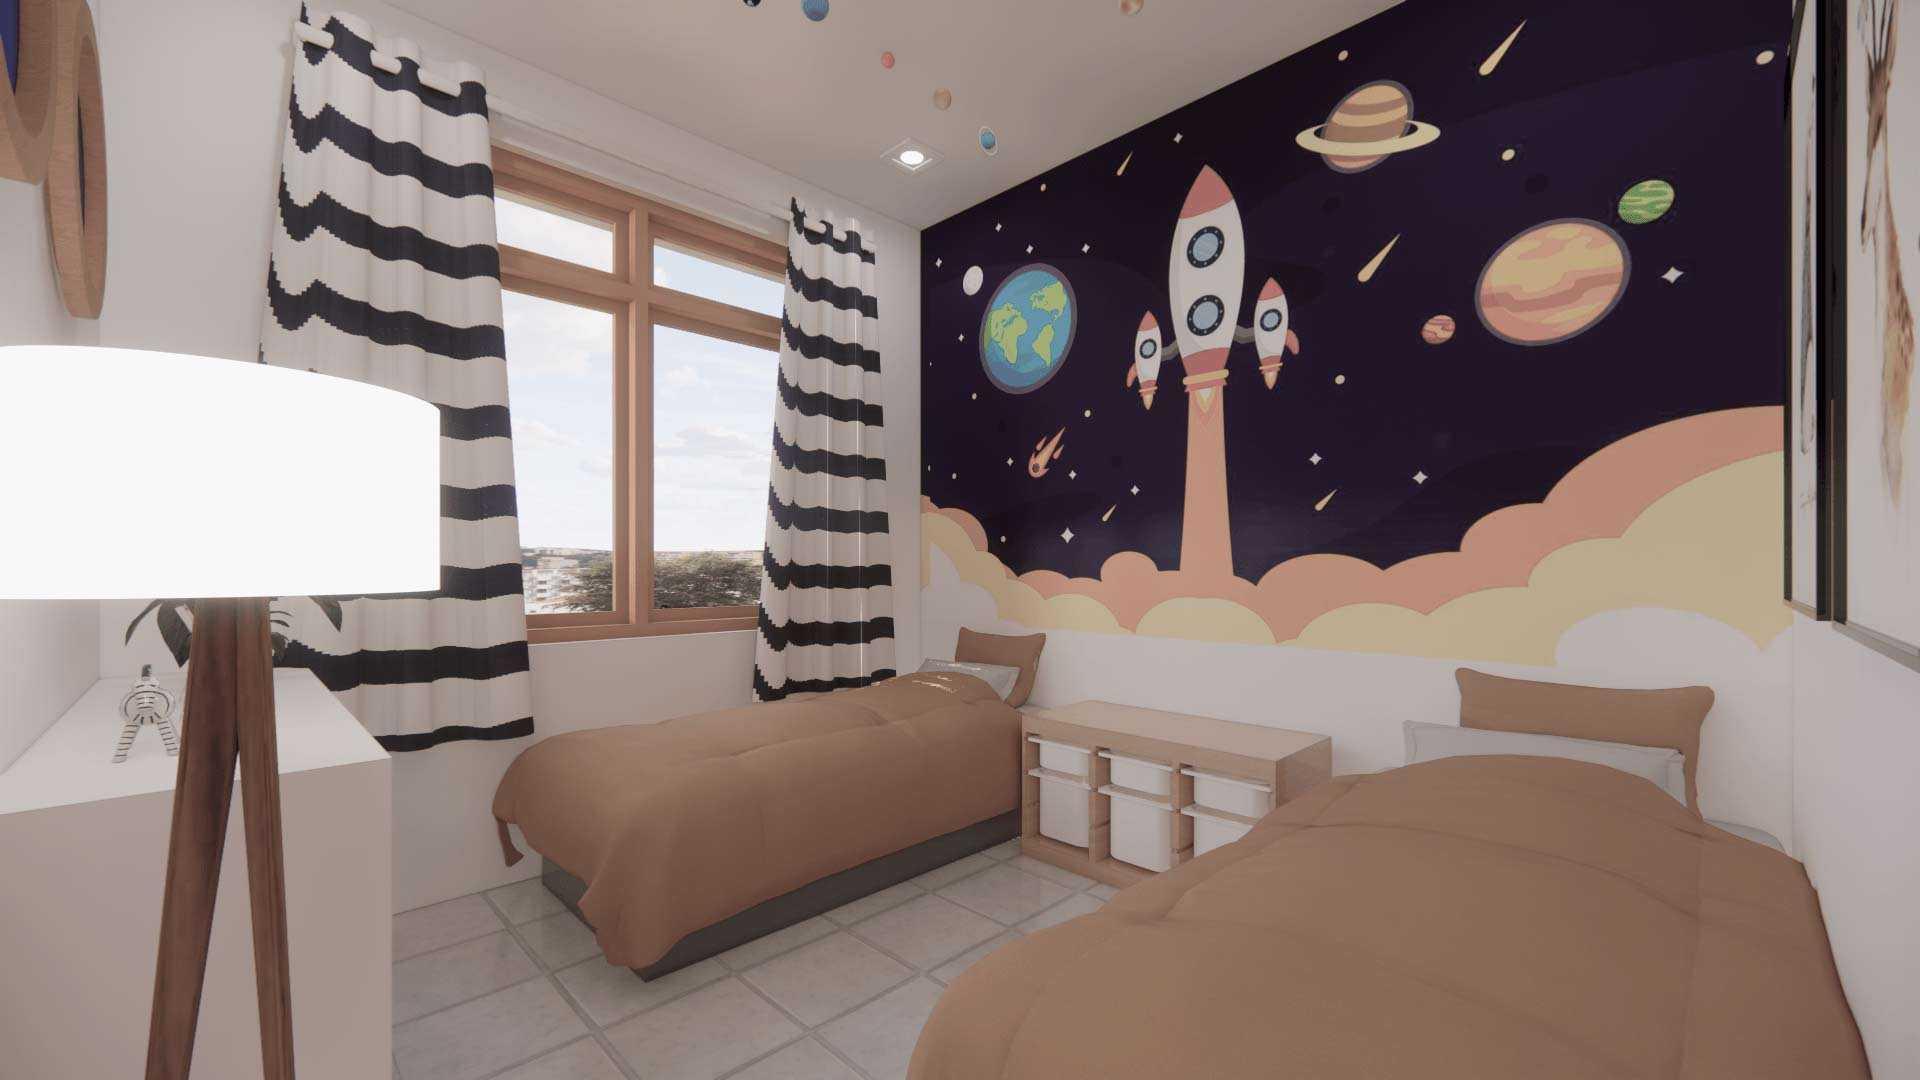 Dekorasi kamar tema tata surya, karya Adib Widhianto, via arsitag.com